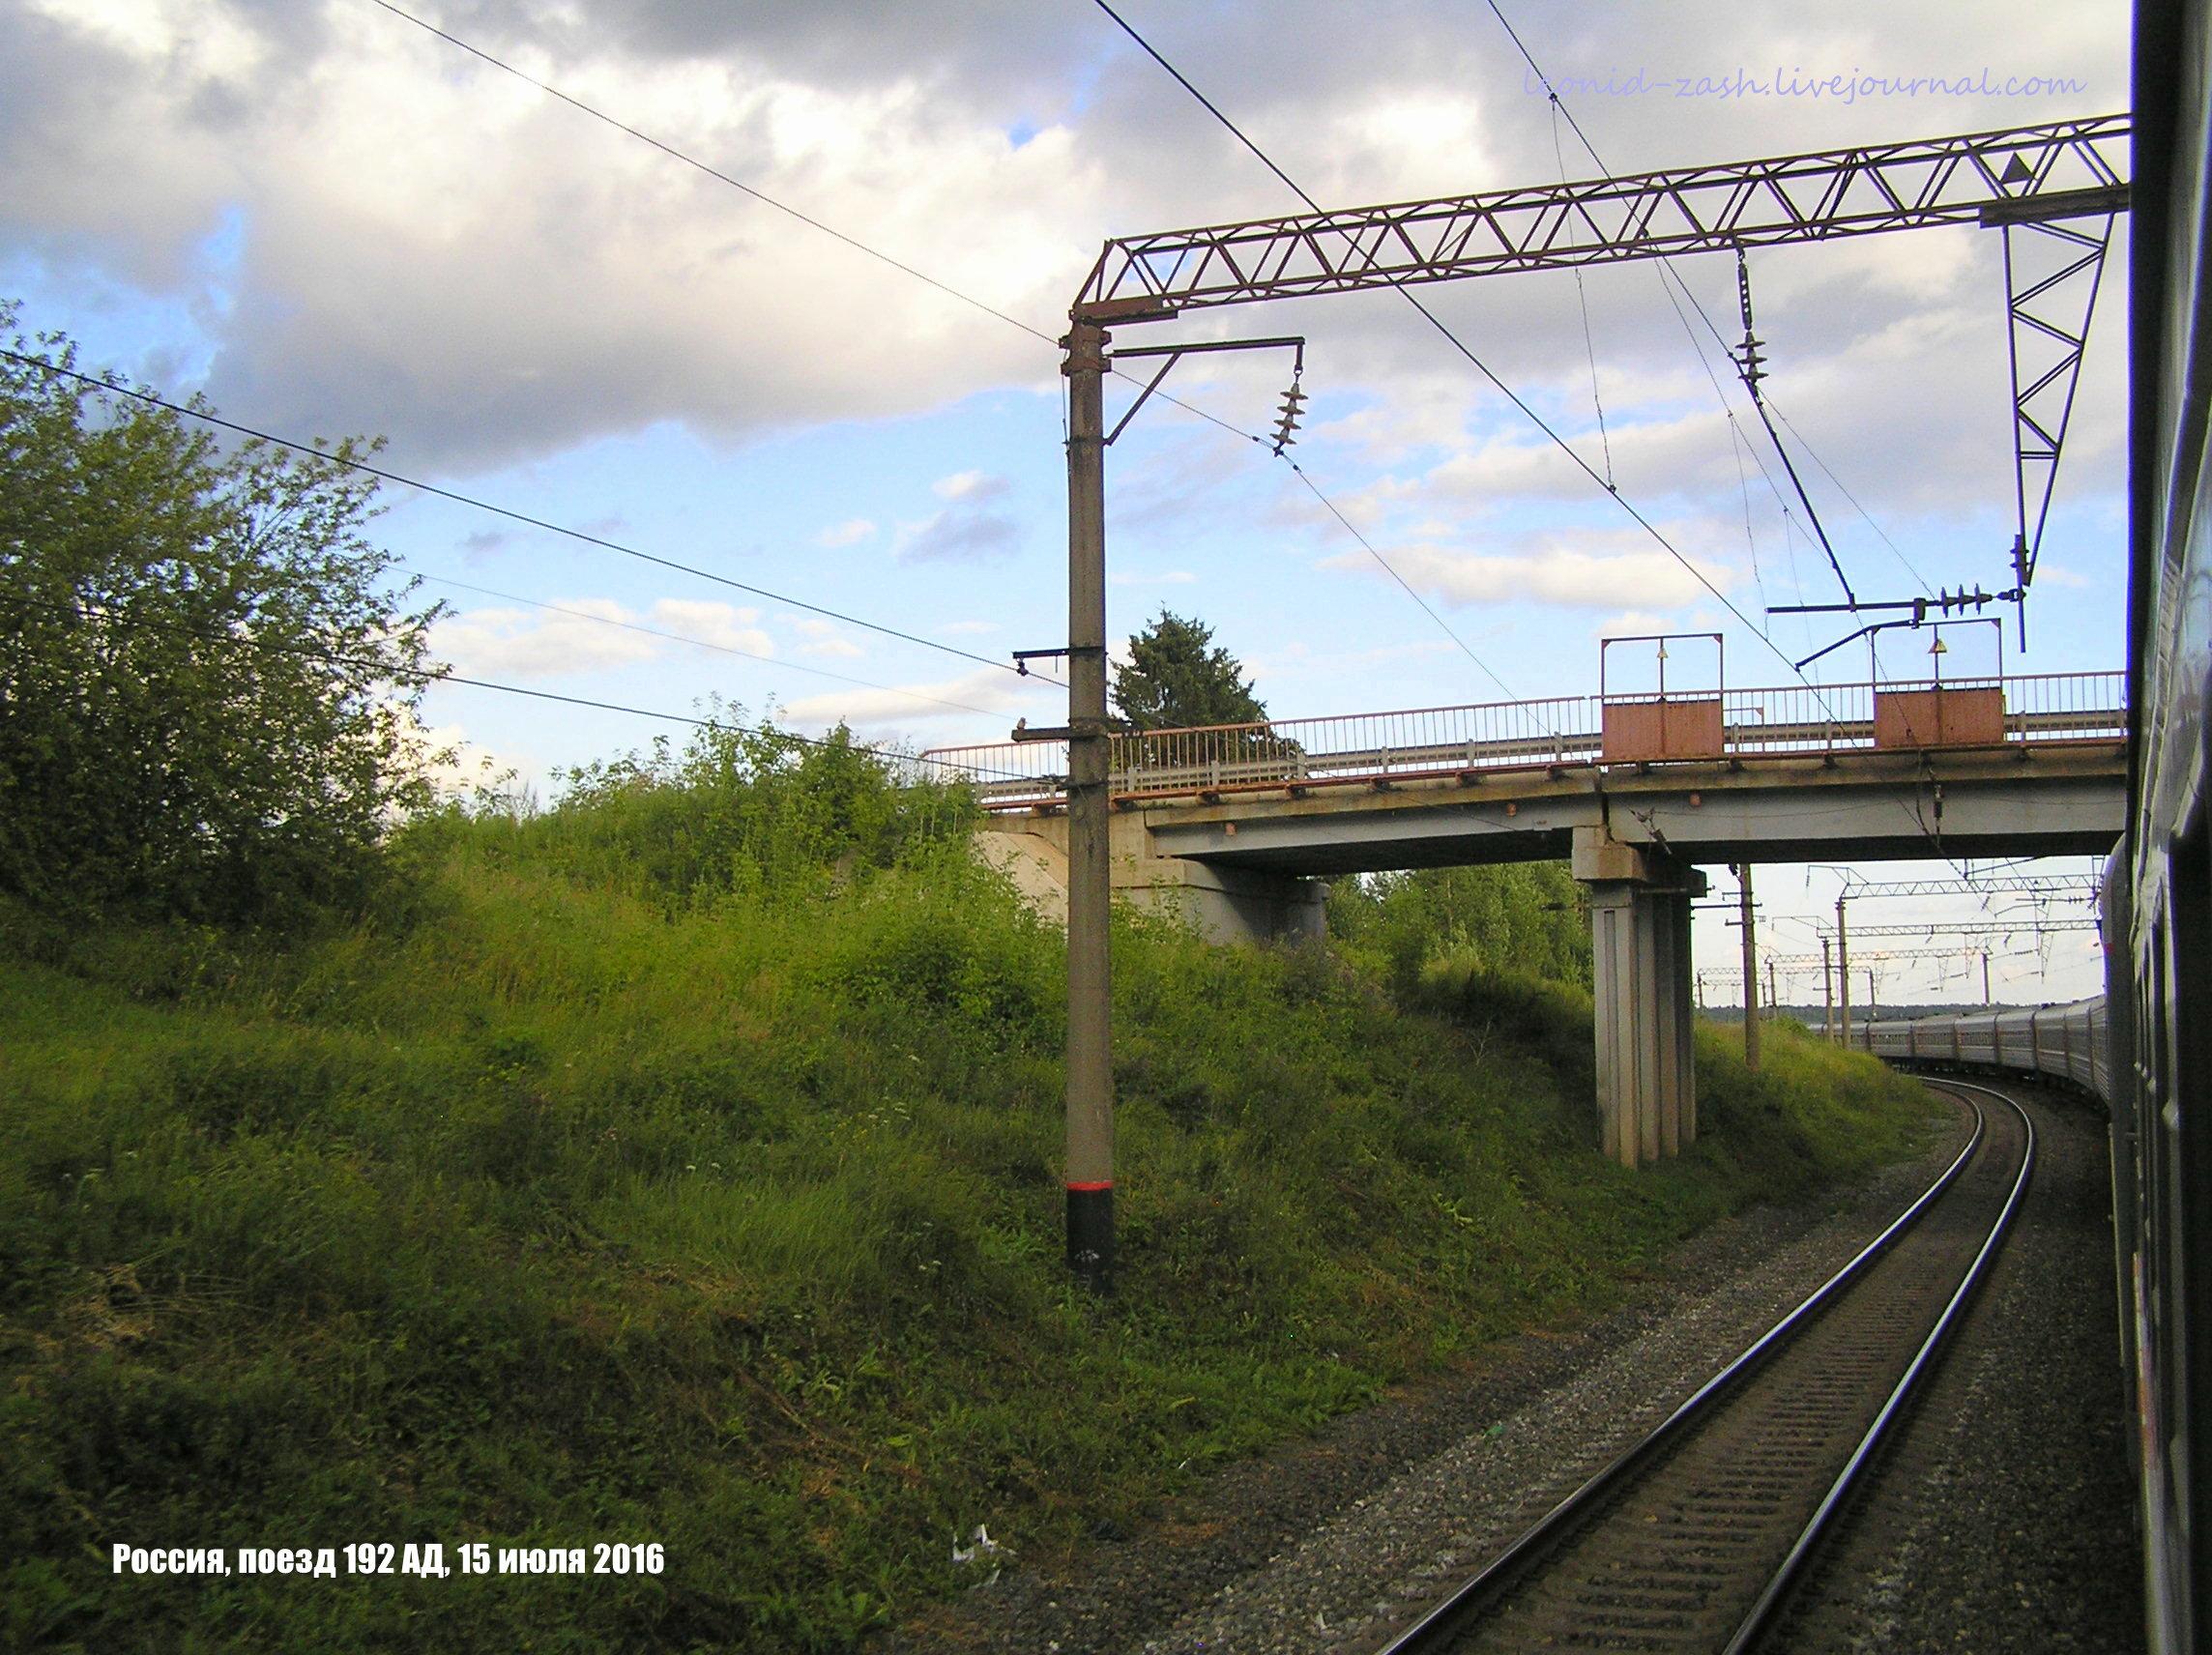 РЖД поезд 192АД 24.JPG